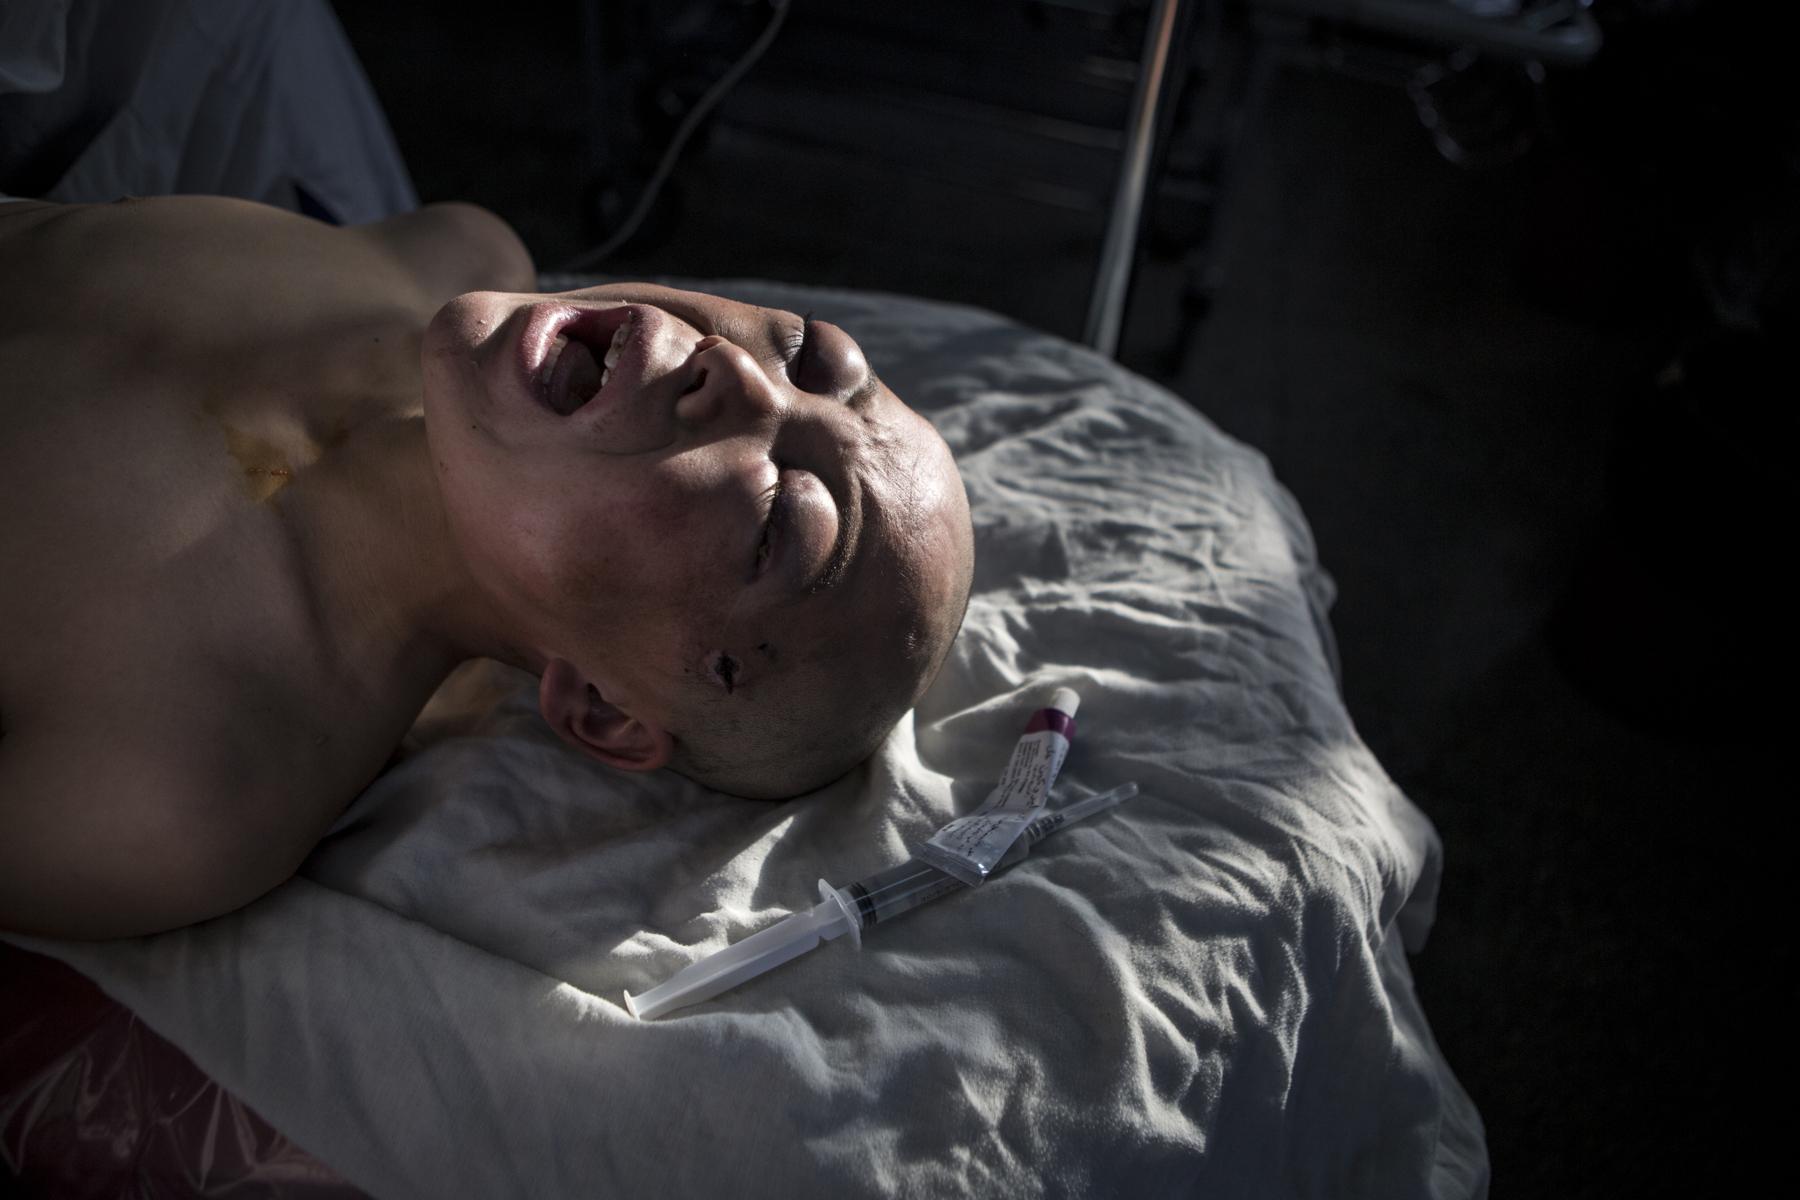 MW_Afgha_Emergency_Kabul_10-16-17_0442.JPG